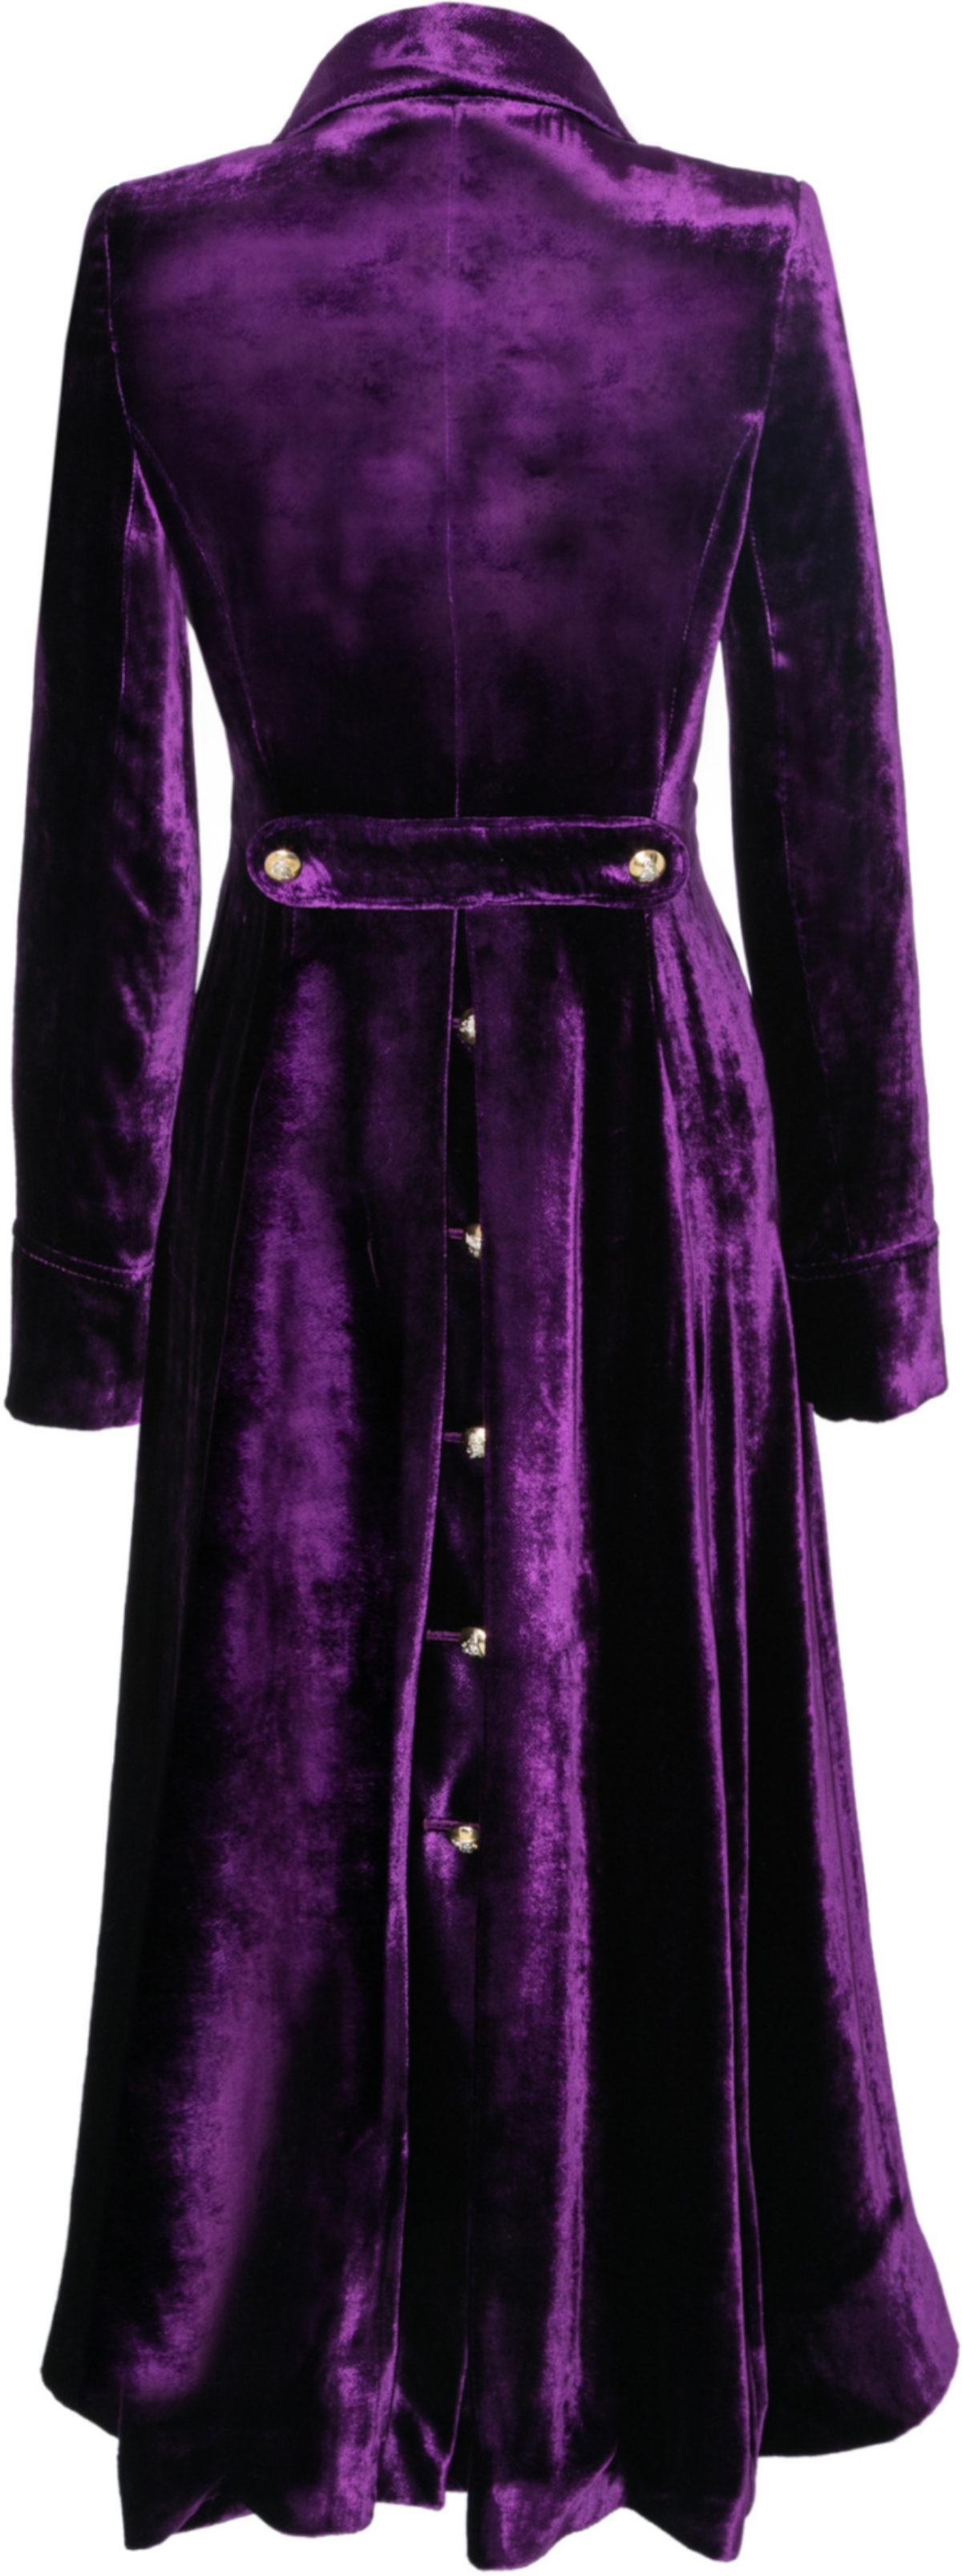 Pip Howeson Cozmo Coat Back